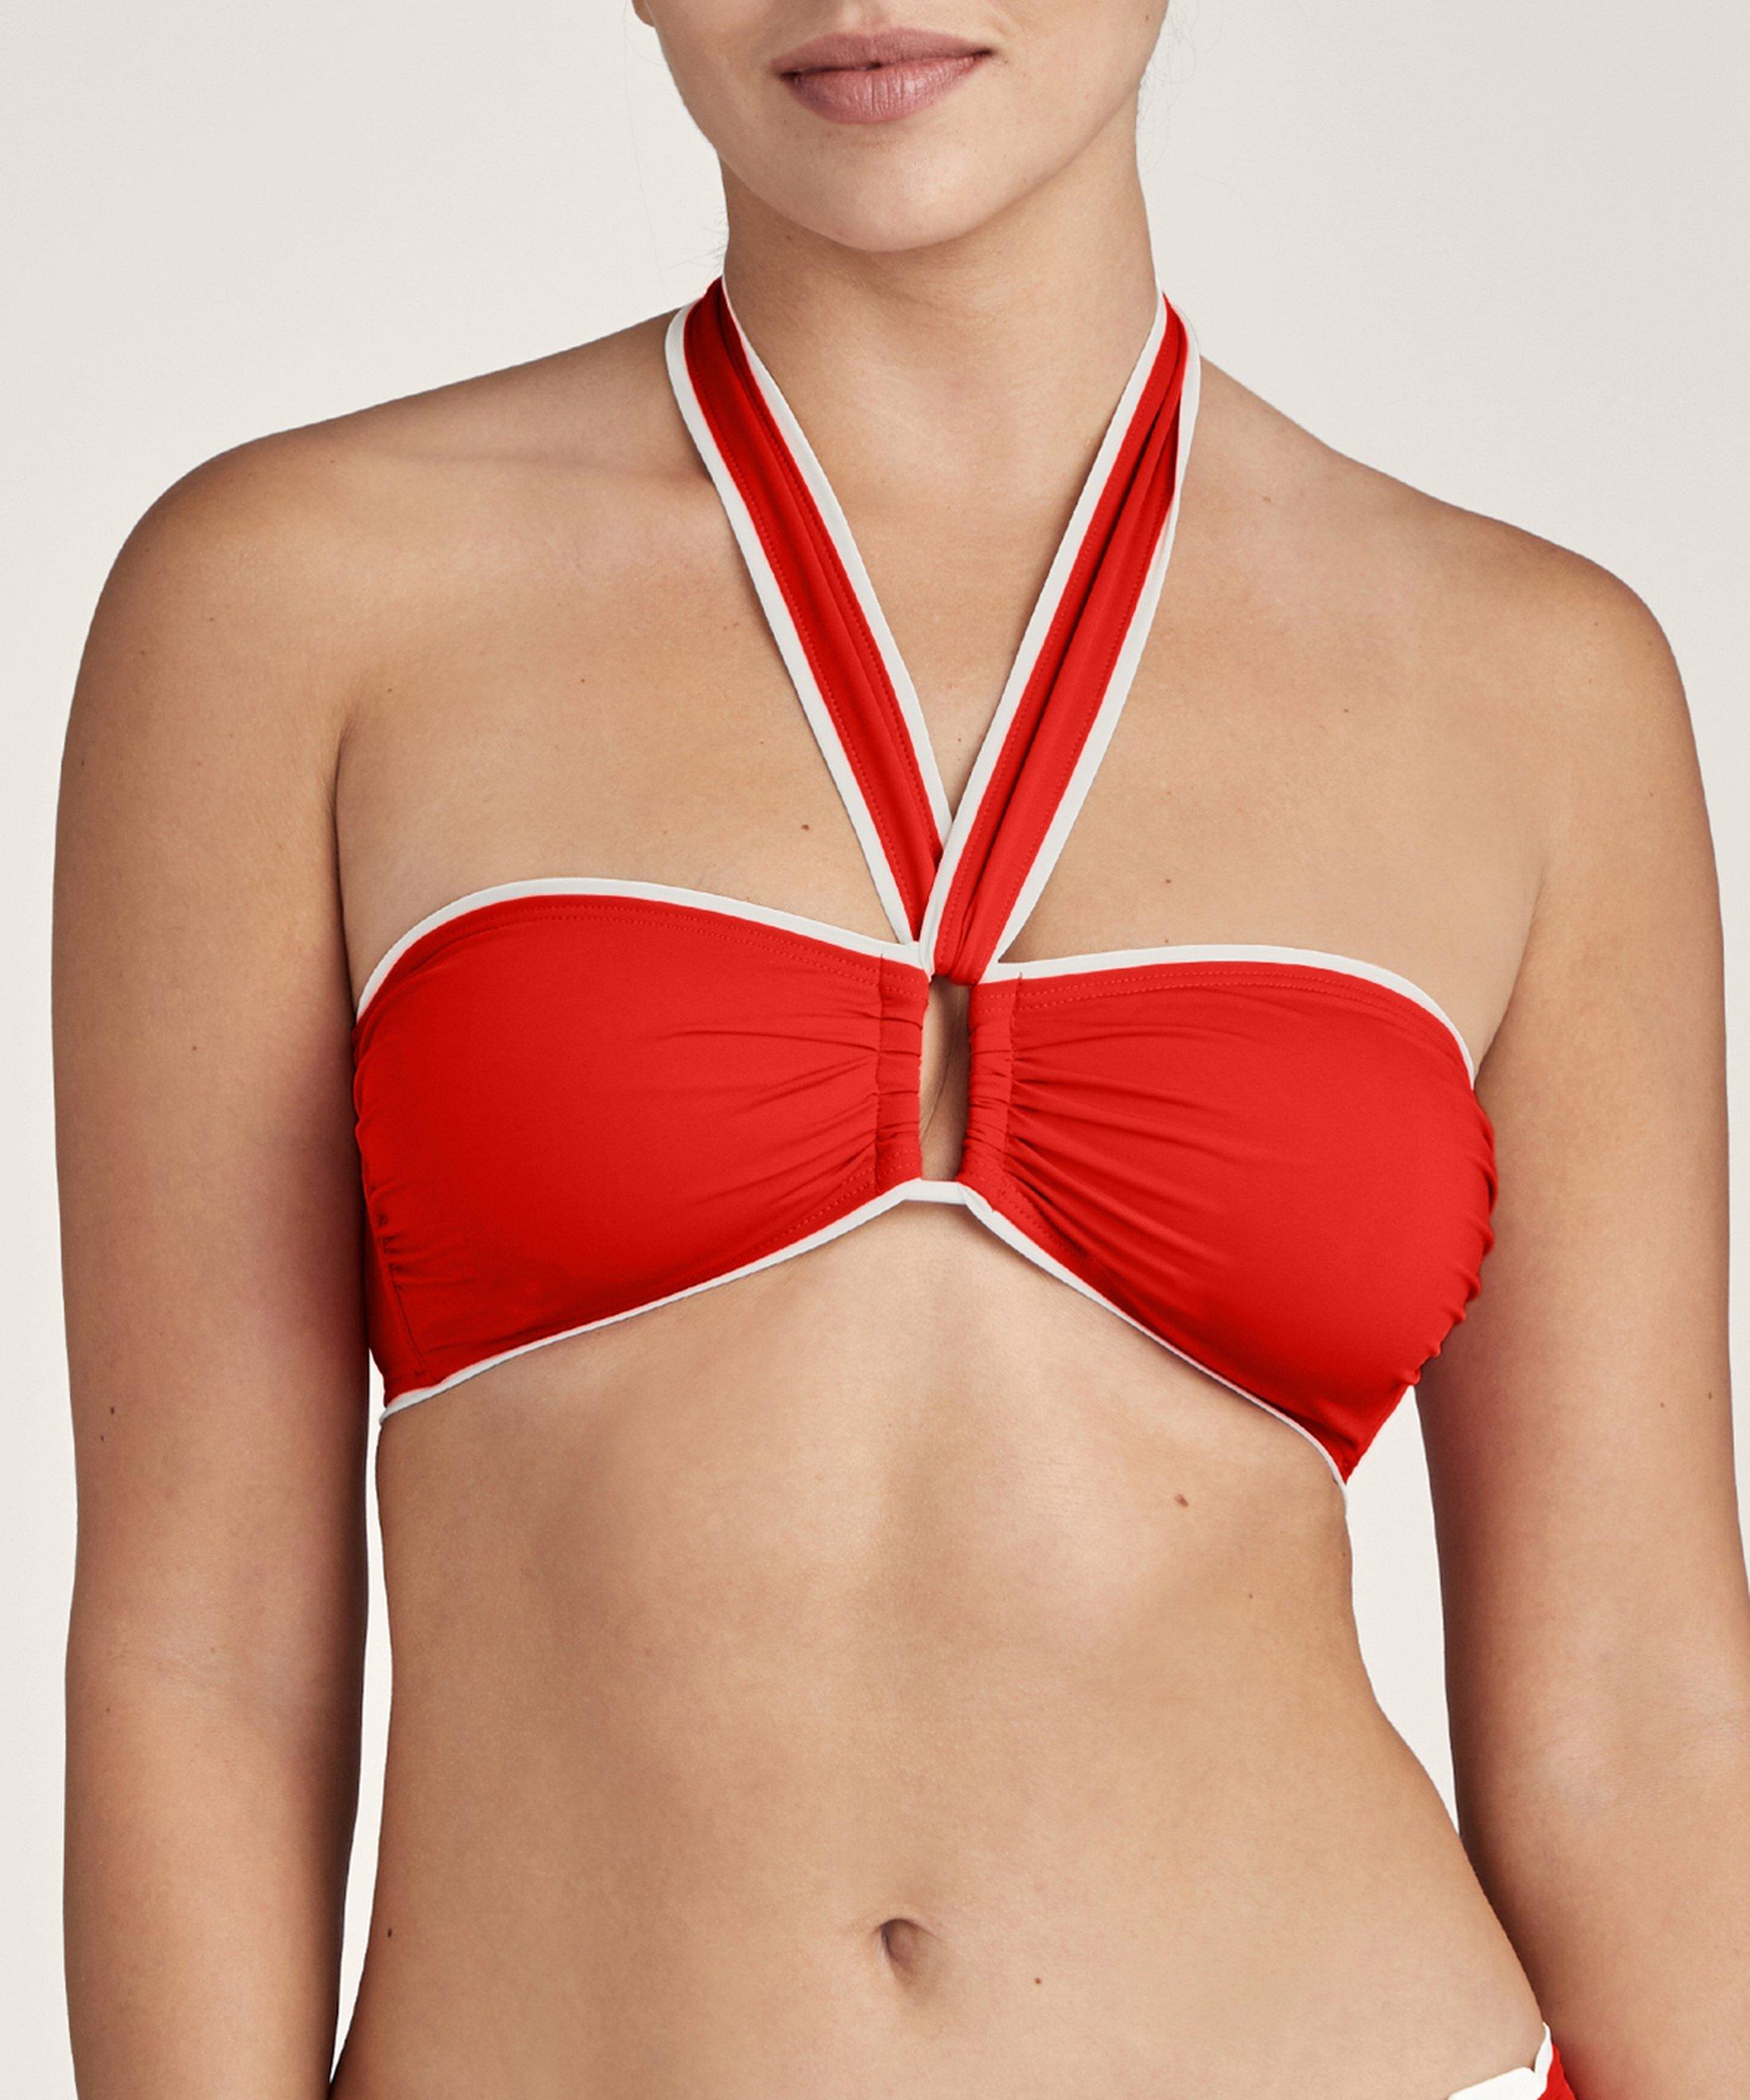 LA BAIE DES VAGUES Haut de maillot de bain bandeau coque amovible Rouge Sanguine | Aubade